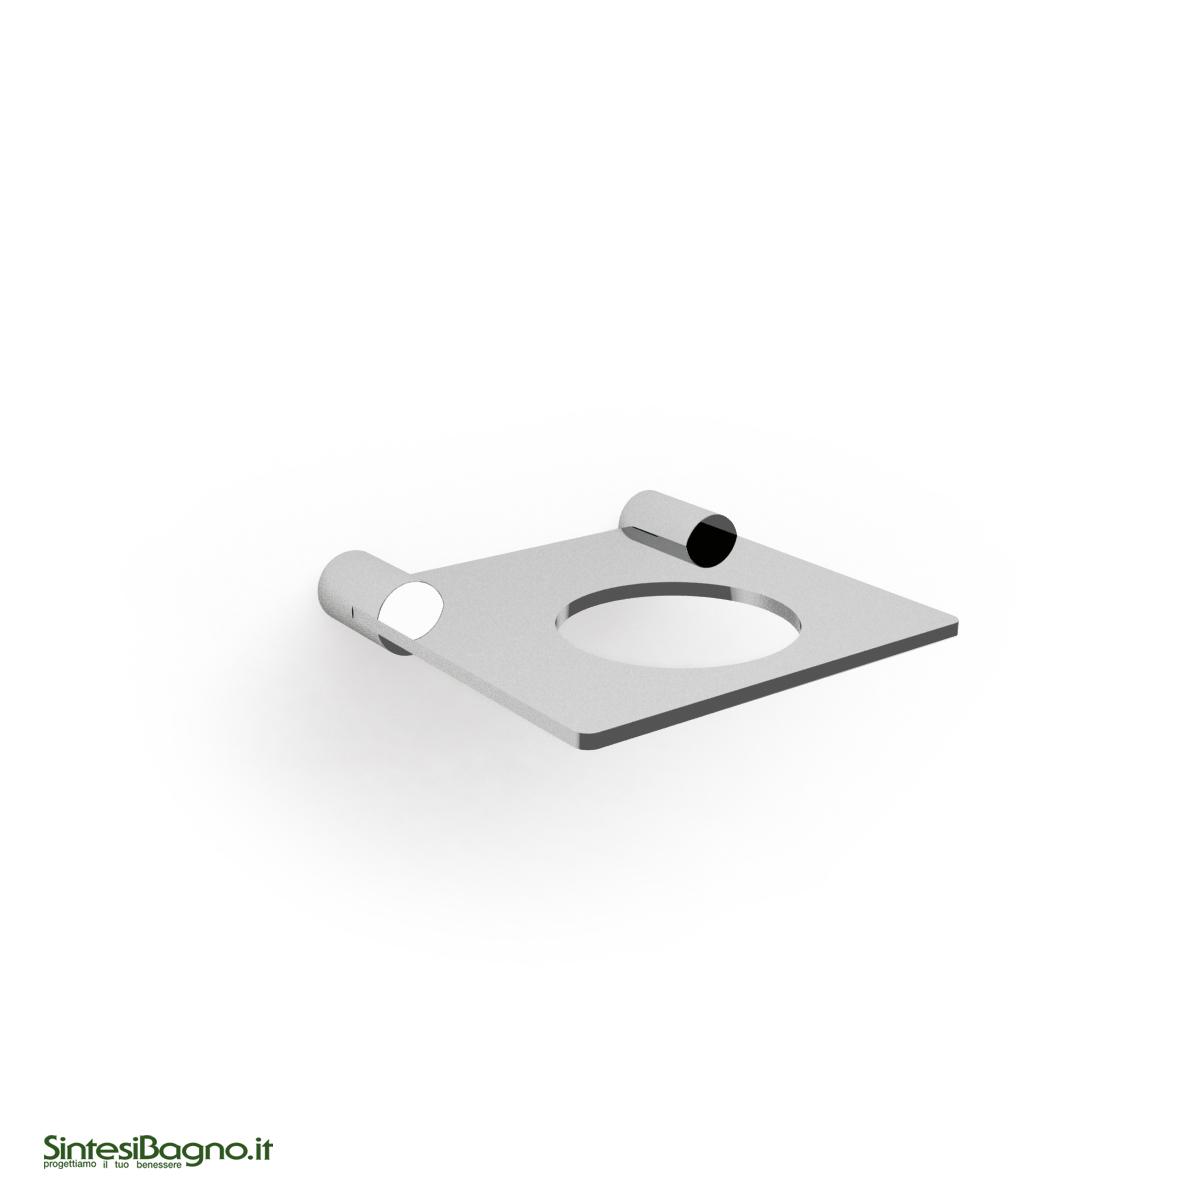 accessori bagno lineabeta serie strika - arredobagno news - Lineabeta Arredo Bagno